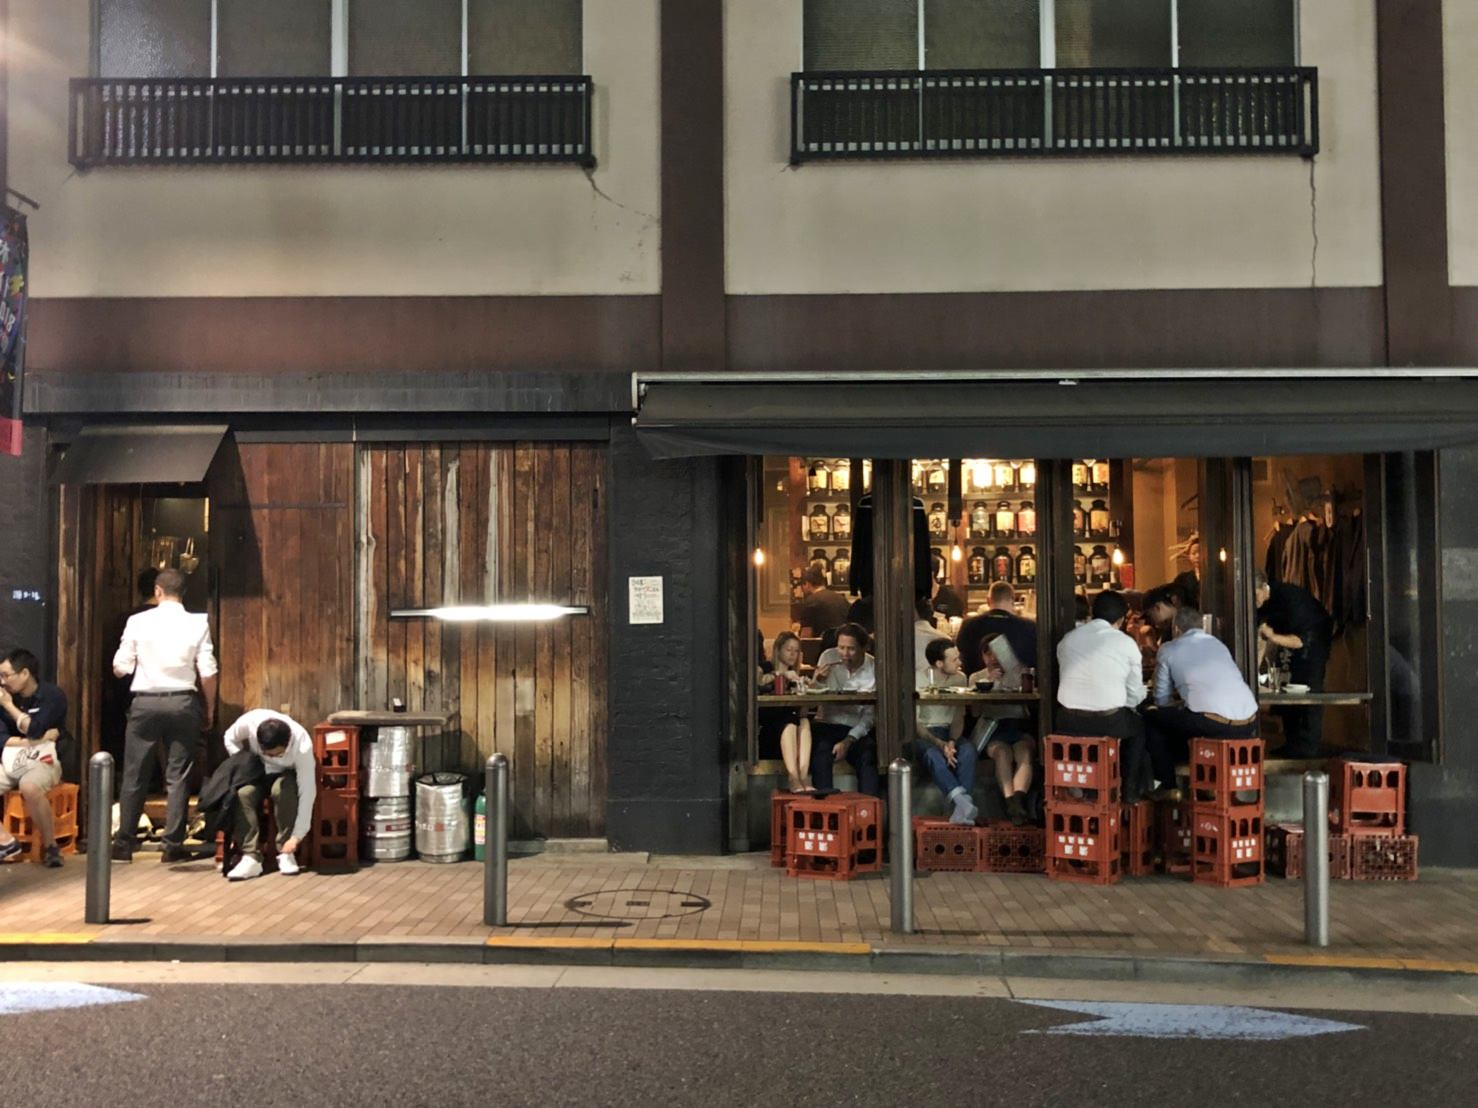 [東京住宿推薦]Candeo Hotels東京六本木光芒飯店-超大鐵塔景觀房!地鐵走路2分好方便~ @美食好芃友